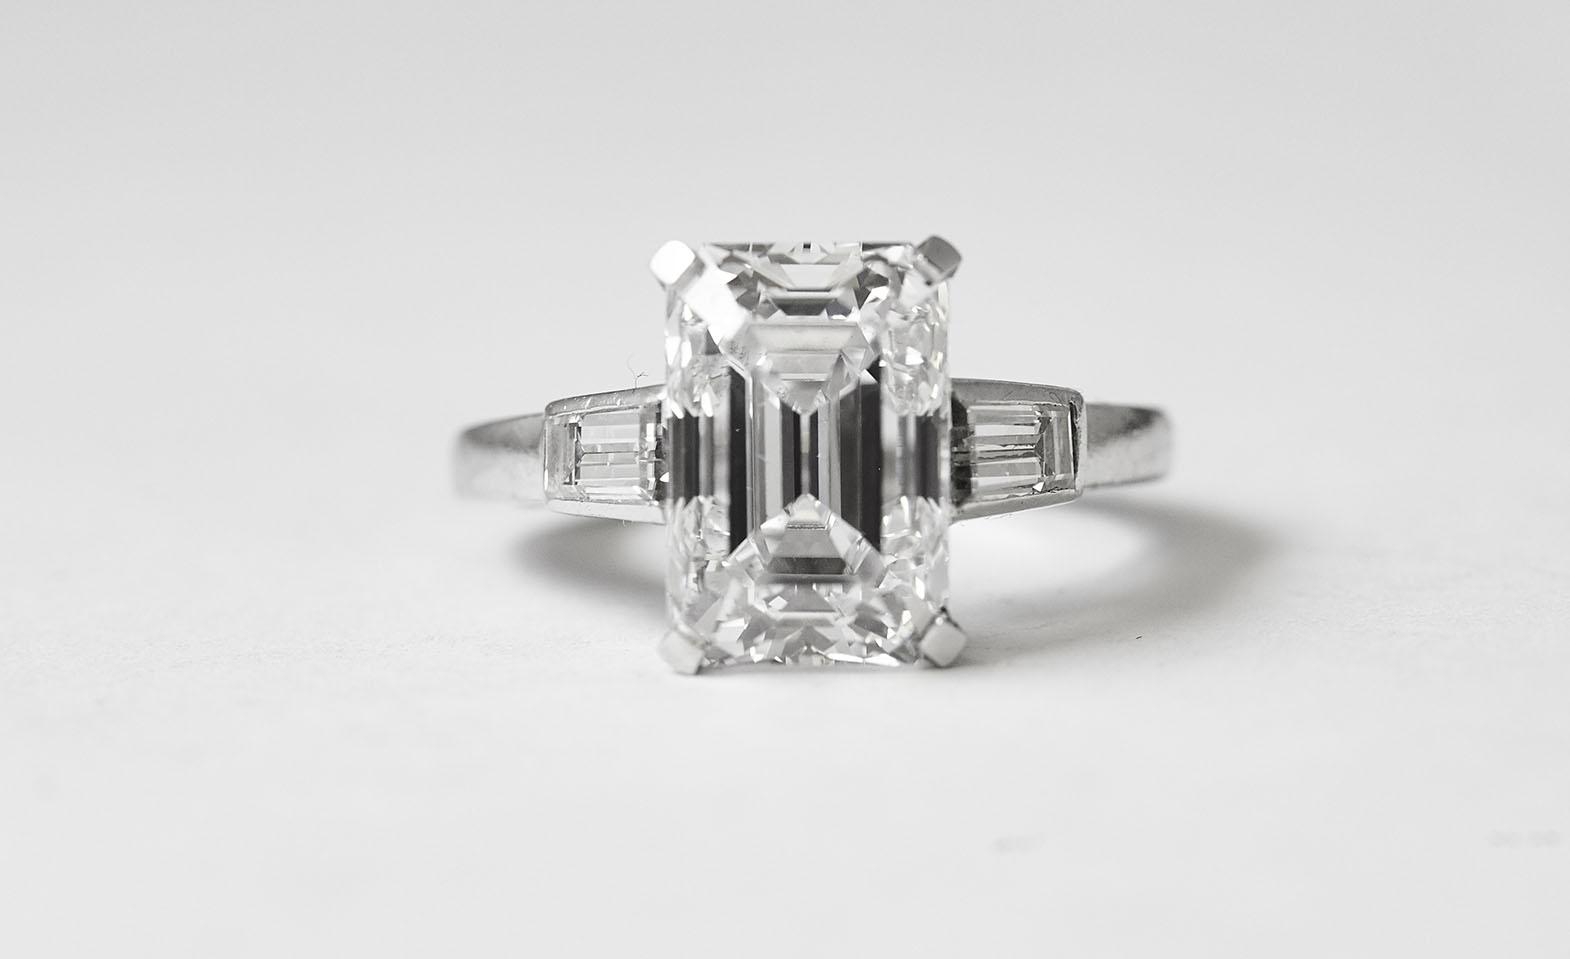 Vente Vente de bijoux et d'or  chez Mercier & Cie : 415 lots